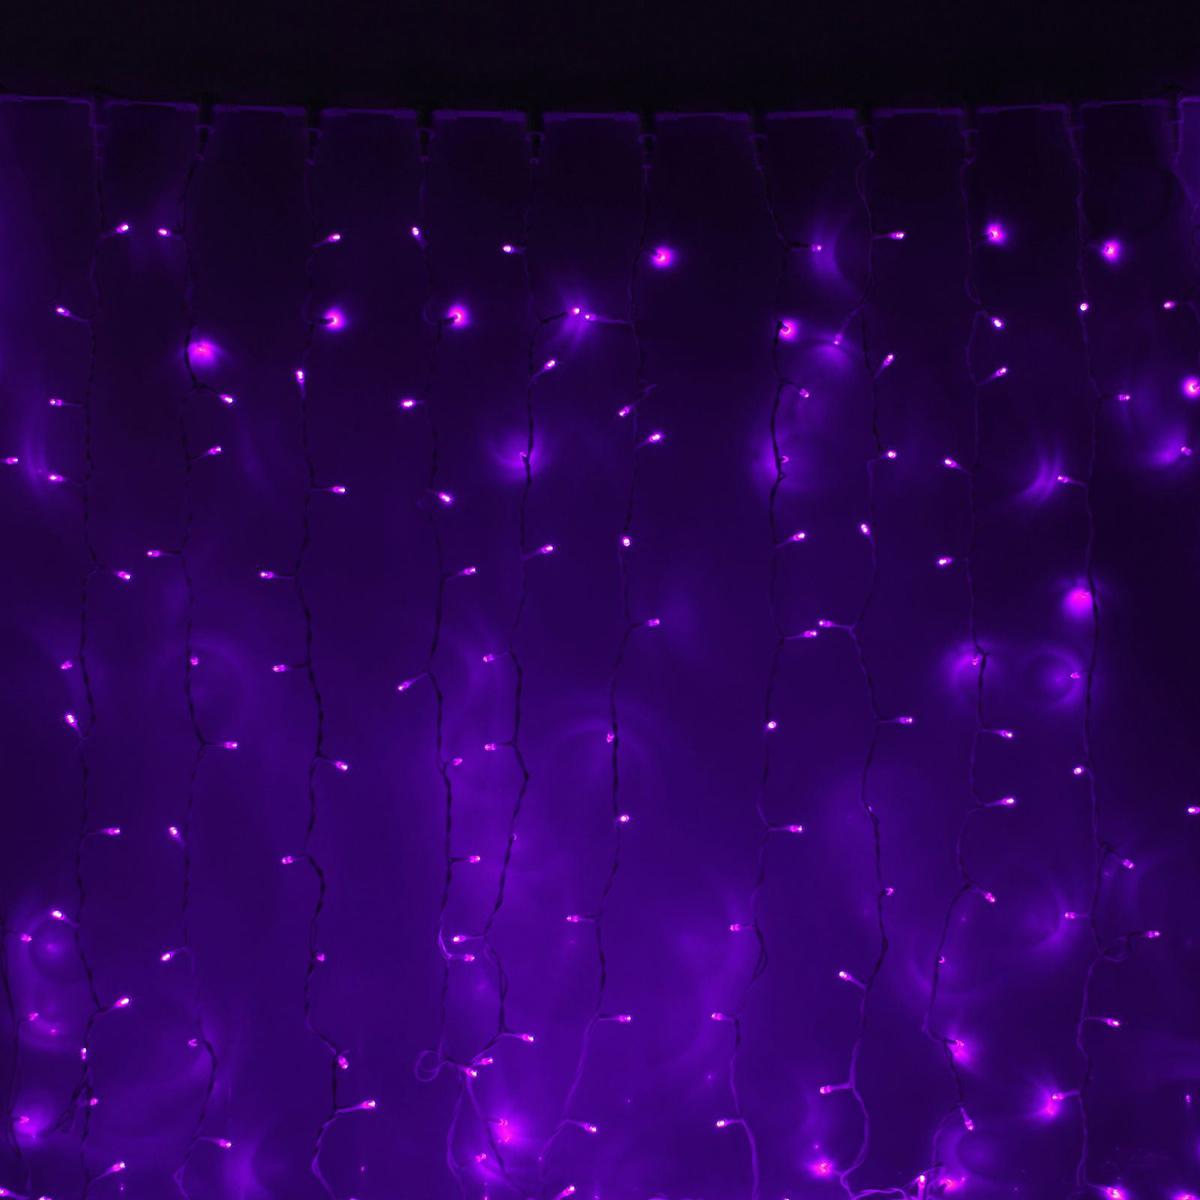 Гирлянда светодиодная Luazon Занавес, цвет: фиолетовый, уличная, 760 ламп, 220 V, 2 х 3 м. 1080231 гирлянда luazon занавес 2m 3m green 1080474